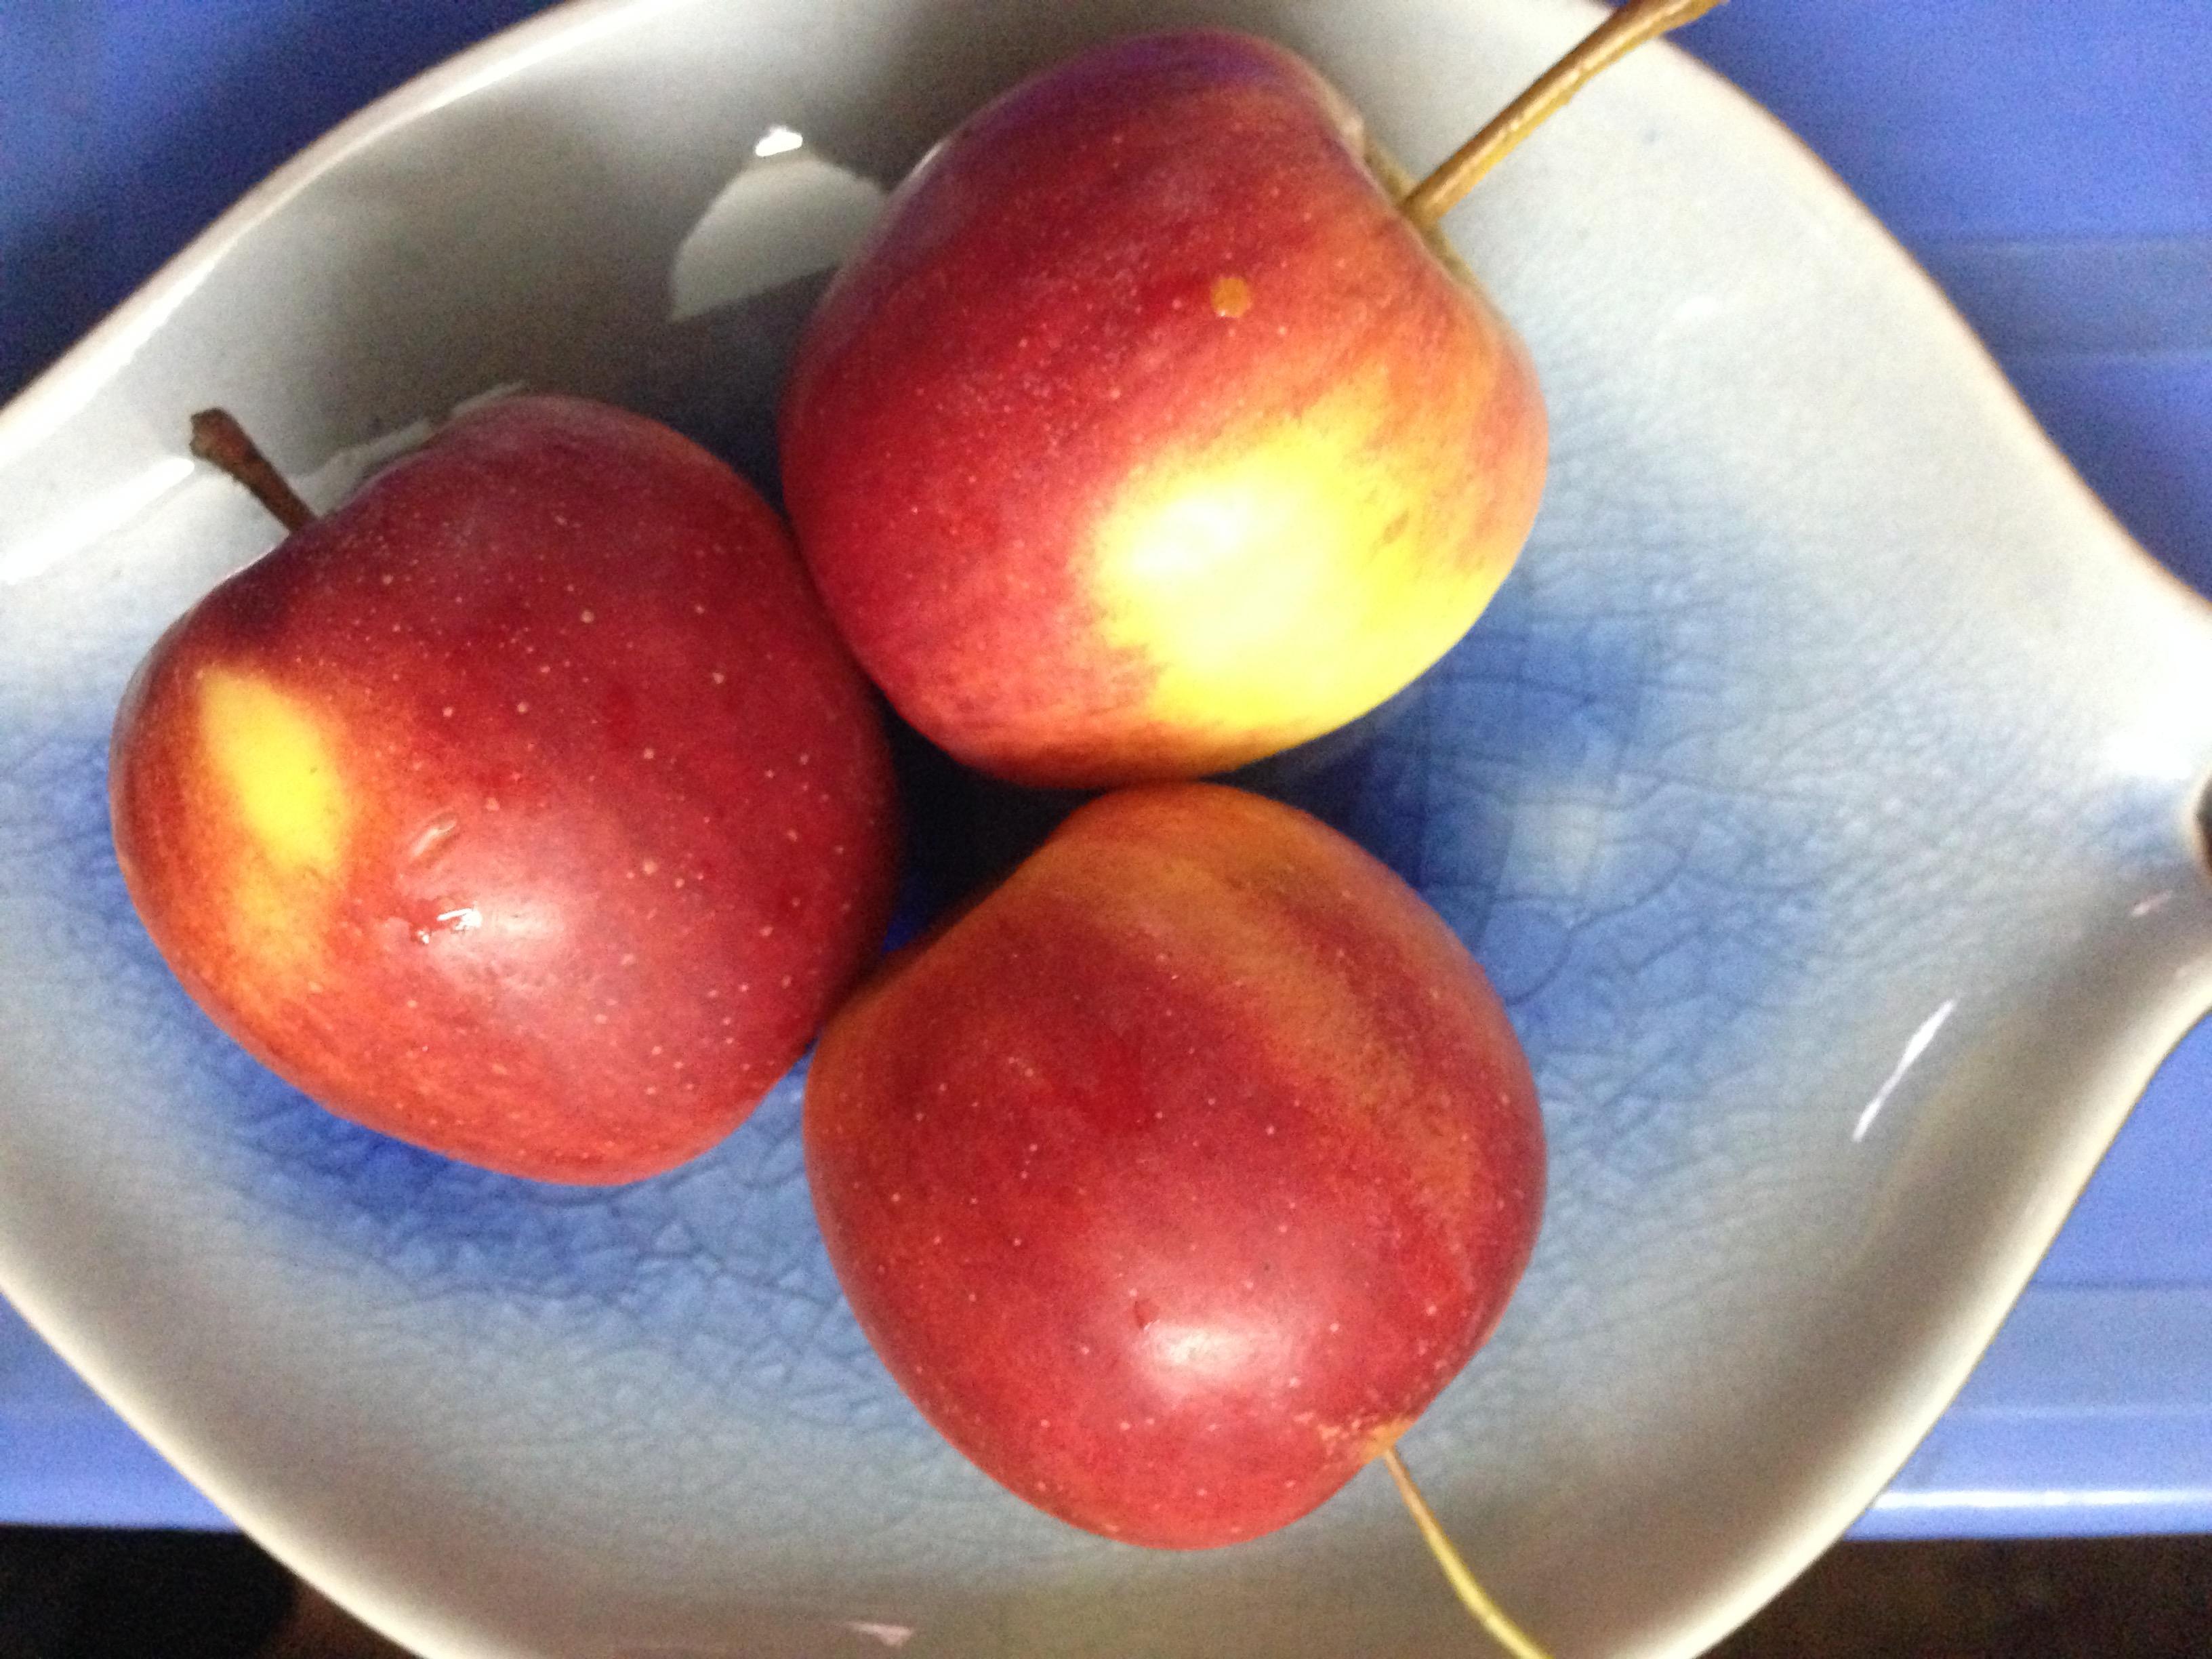 Táo cherry đẹp chẳng kém gì so với các loại táo ngoại nhập